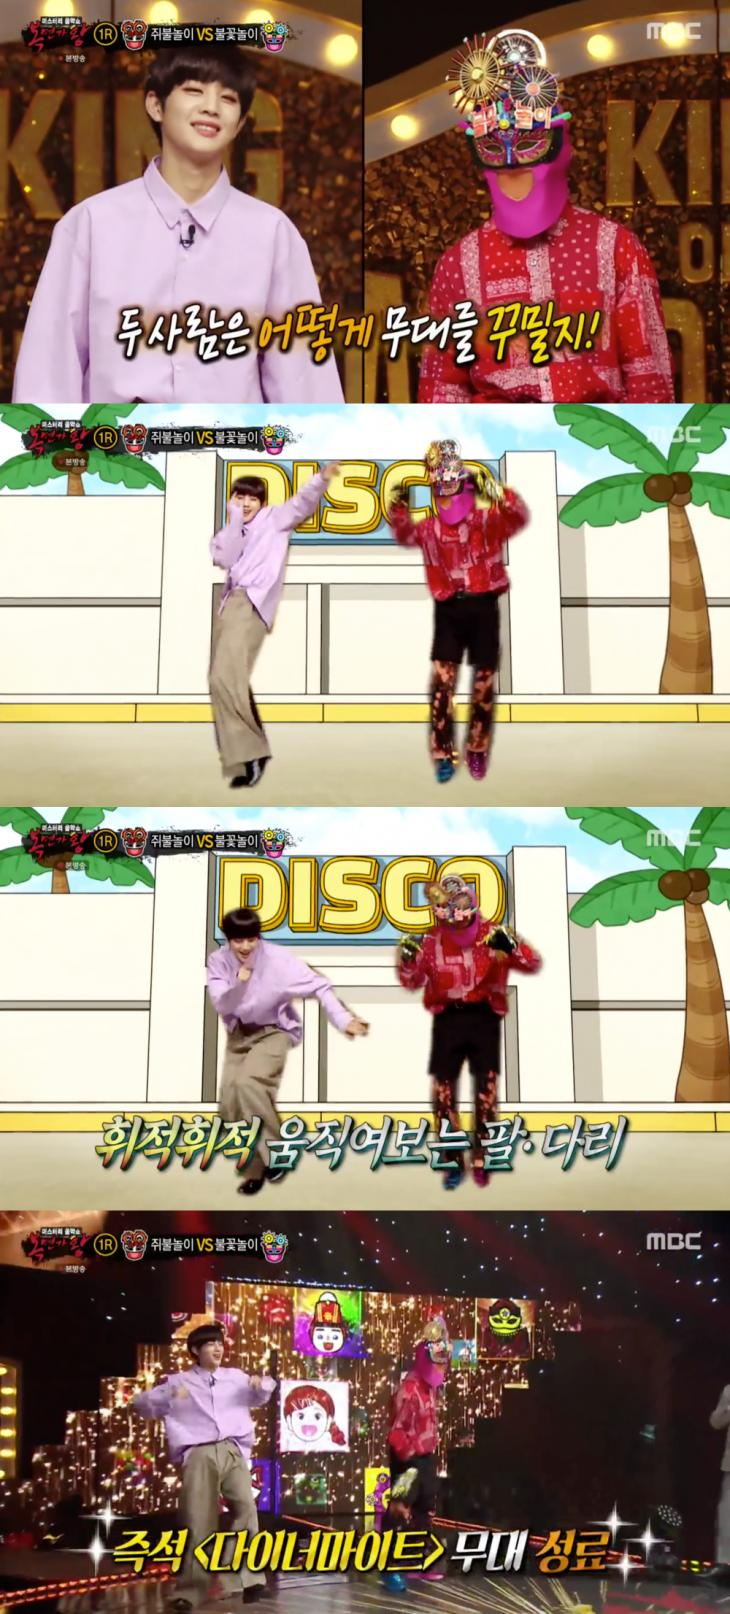 방탄소년단(BTS) '다이너마이트' 커버로 주목받은 '복면가왕' 동키즈 문익